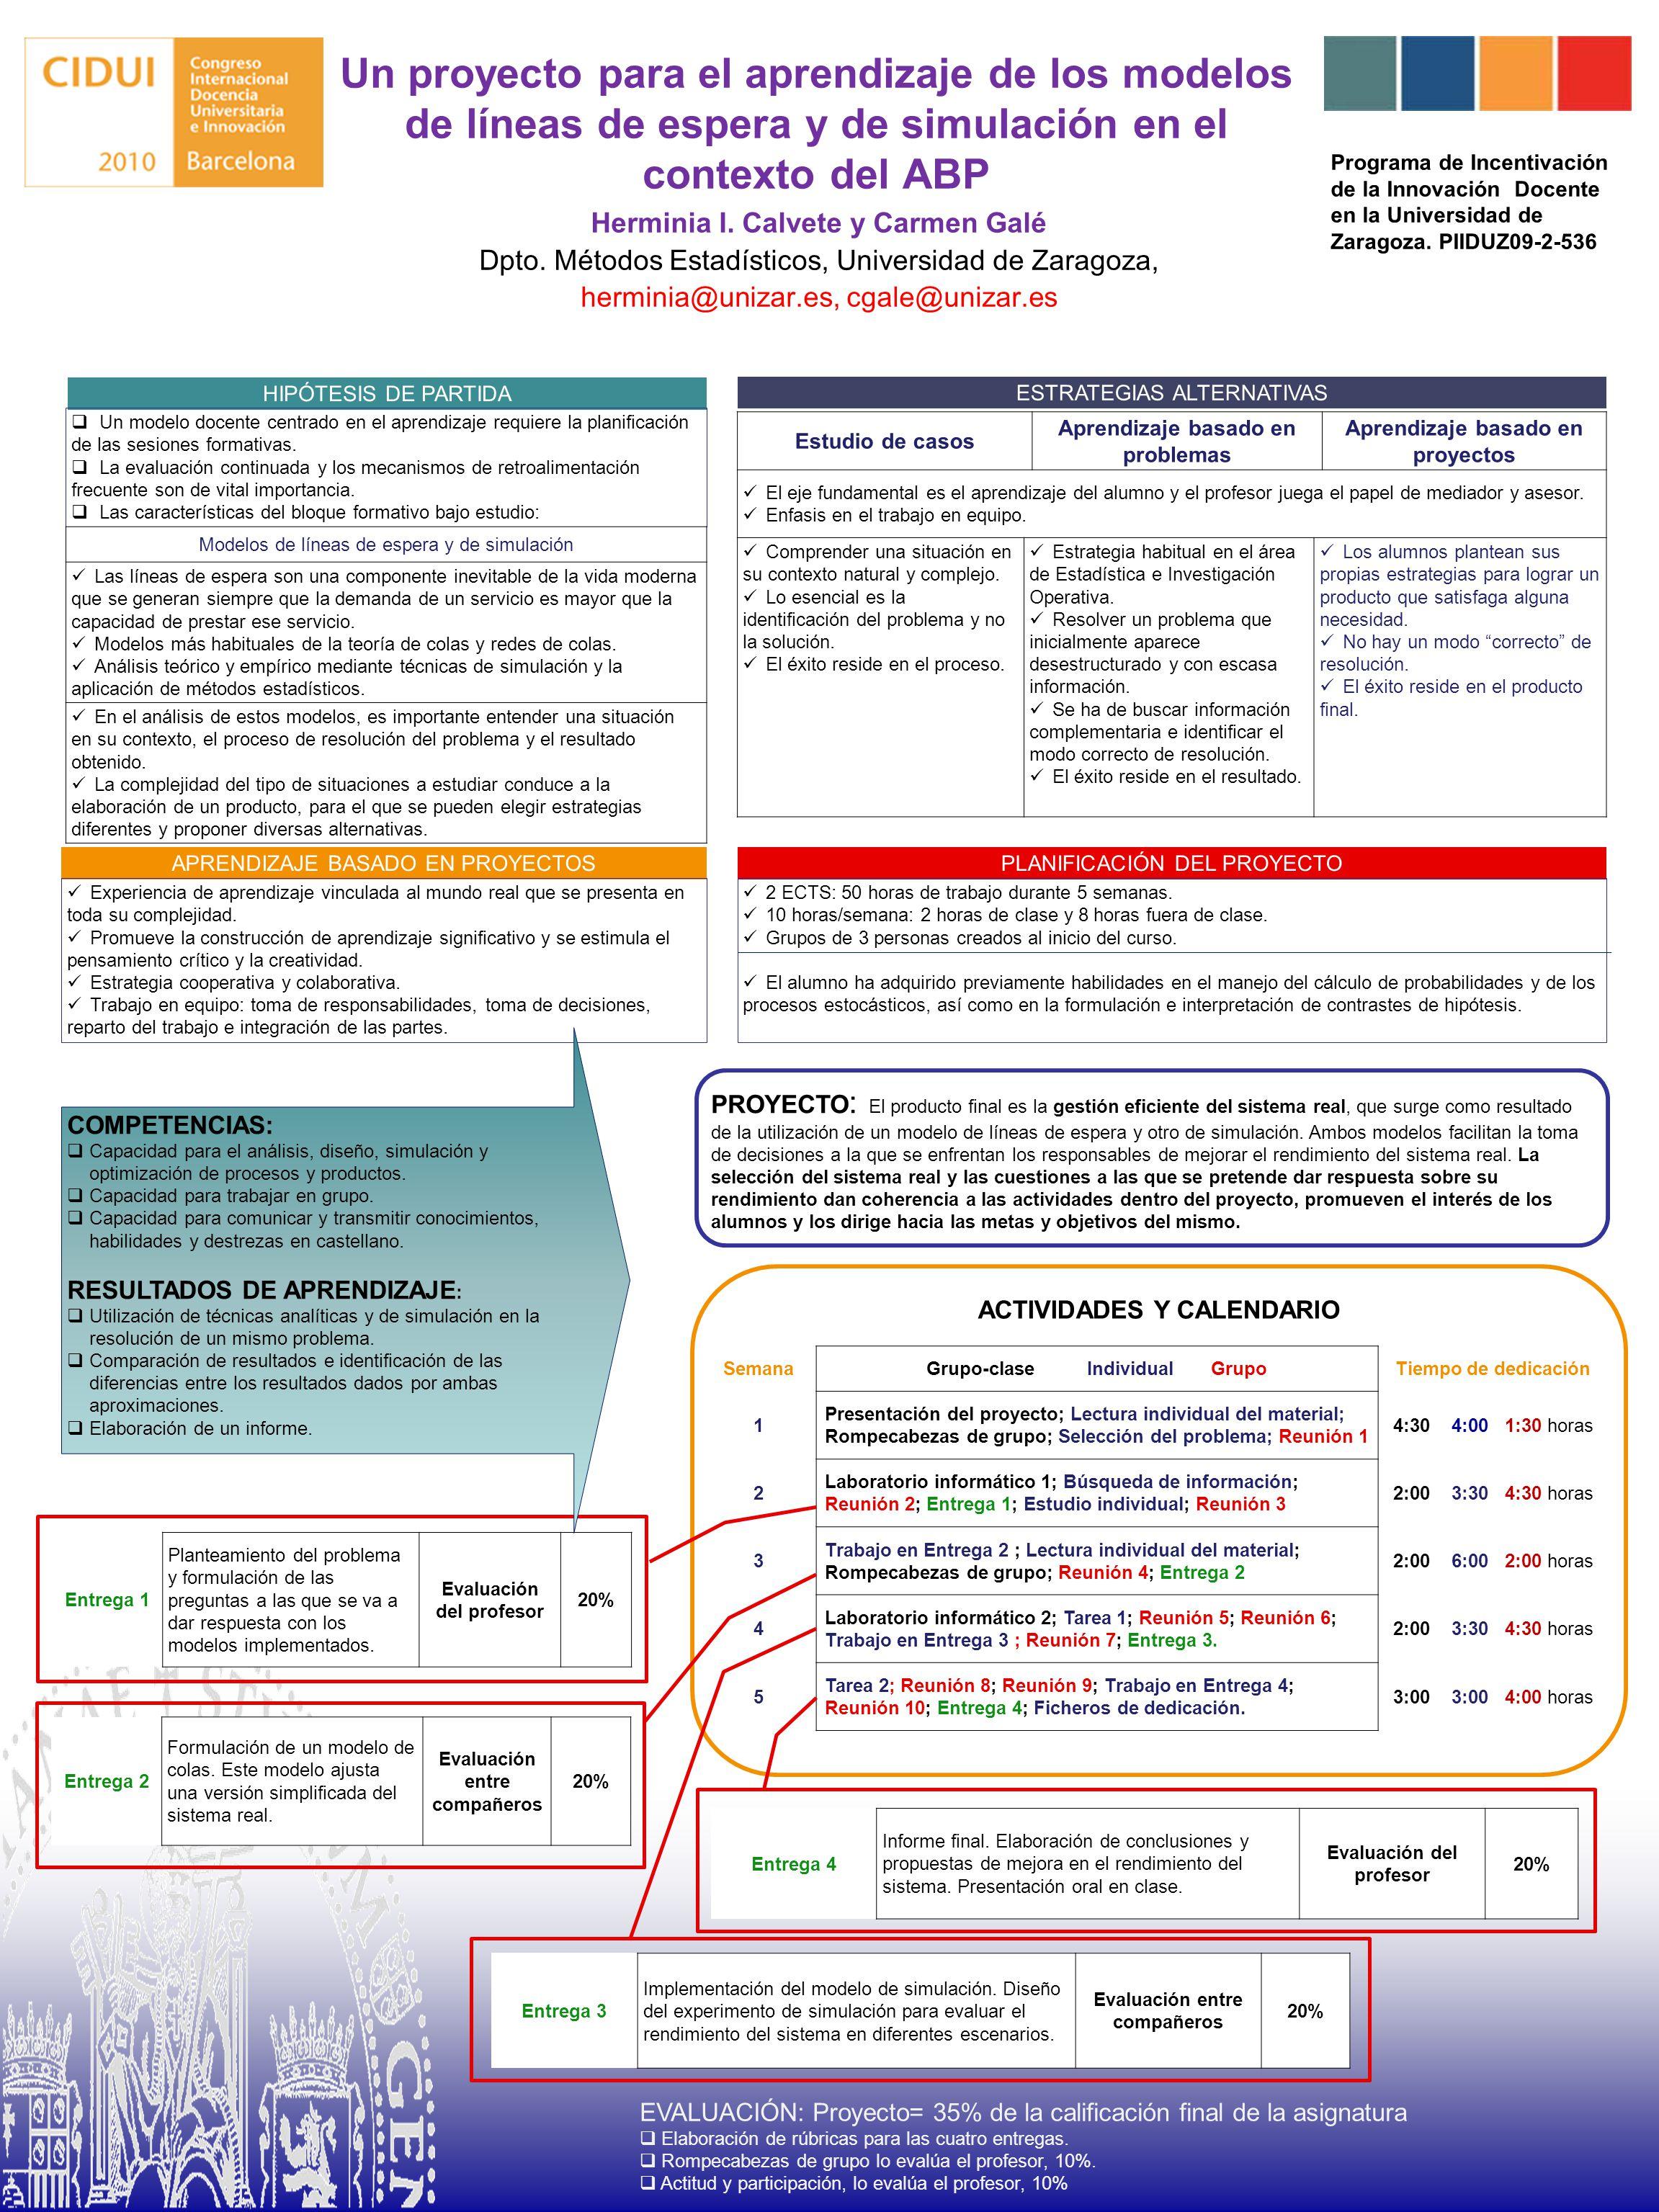 Un proyecto para el aprendizaje de los modelos de líneas de espera y de simulación en el contexto del ABP